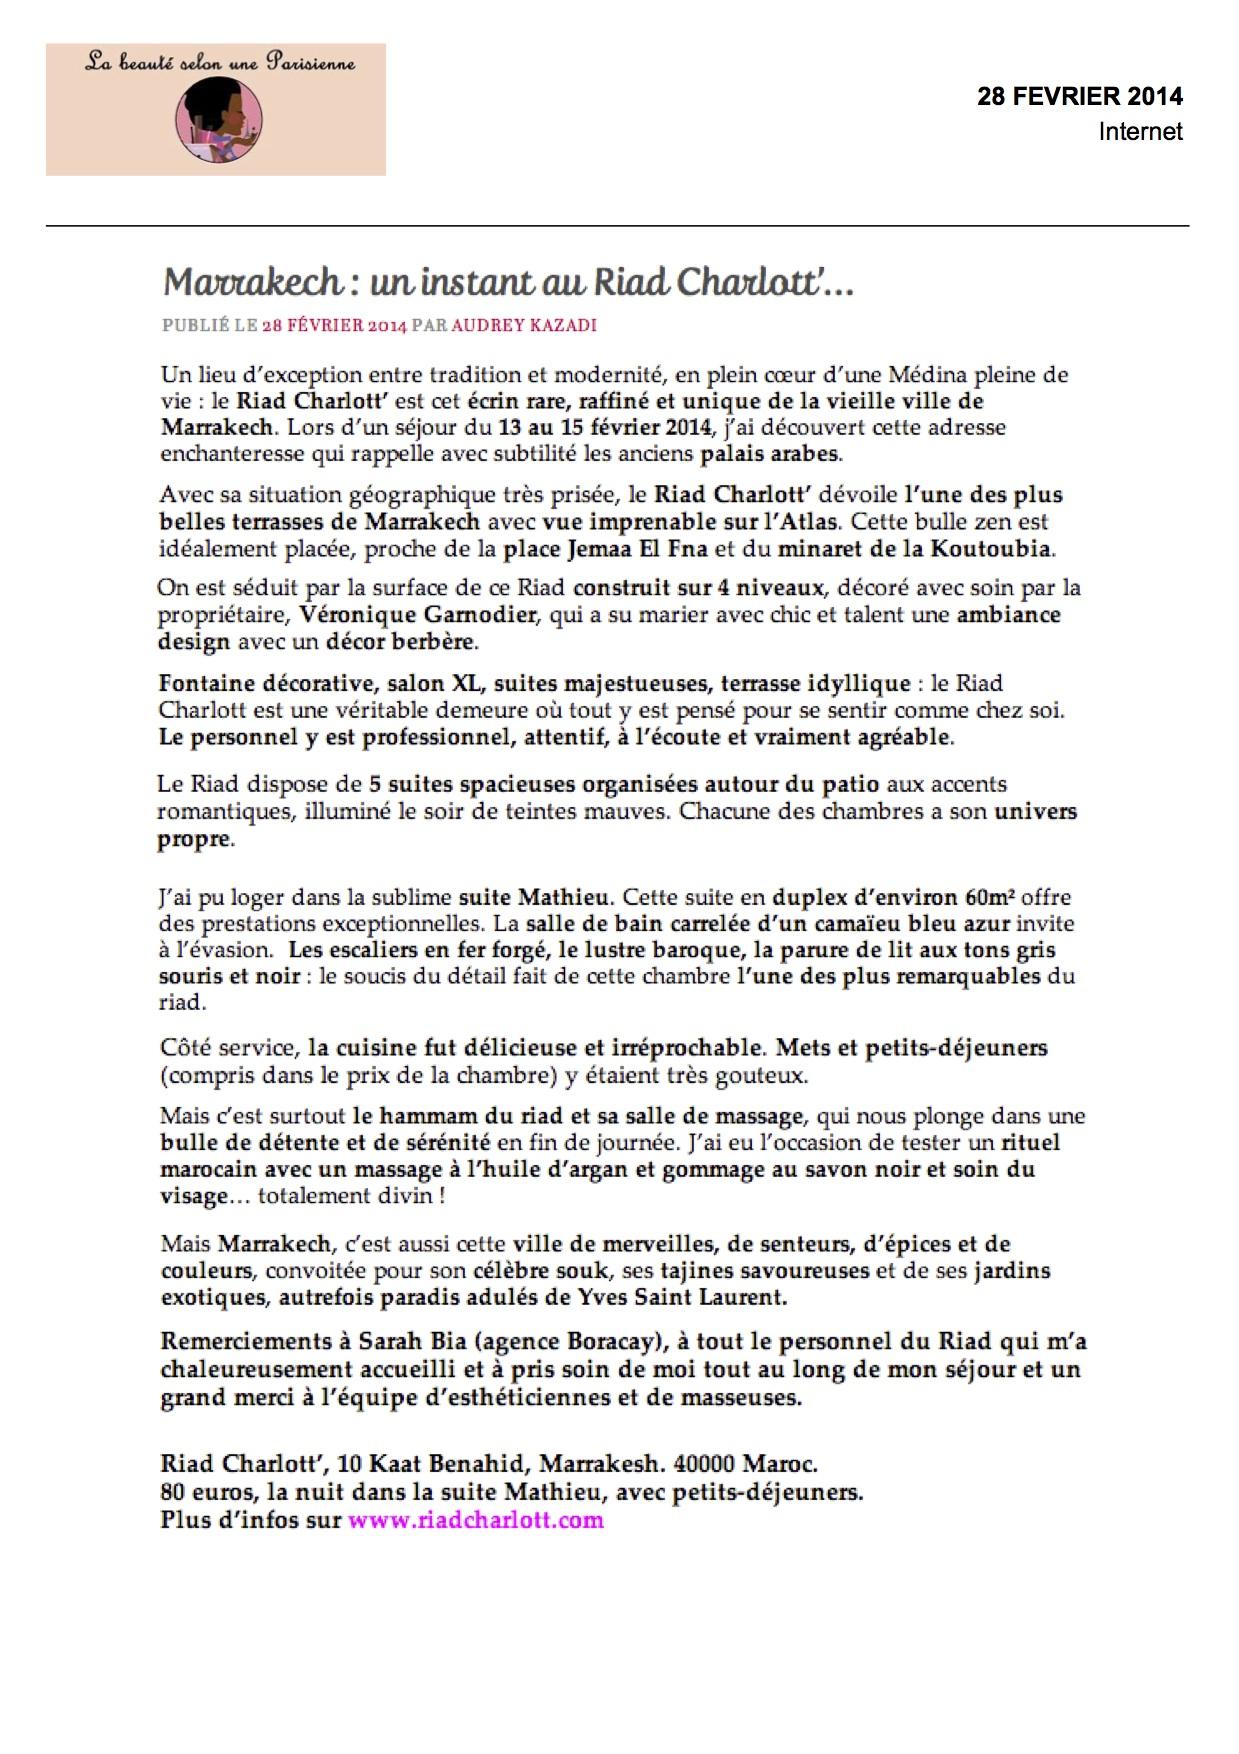 WWW.La Beauté Selon une Parisienne.fr 28:02.pages